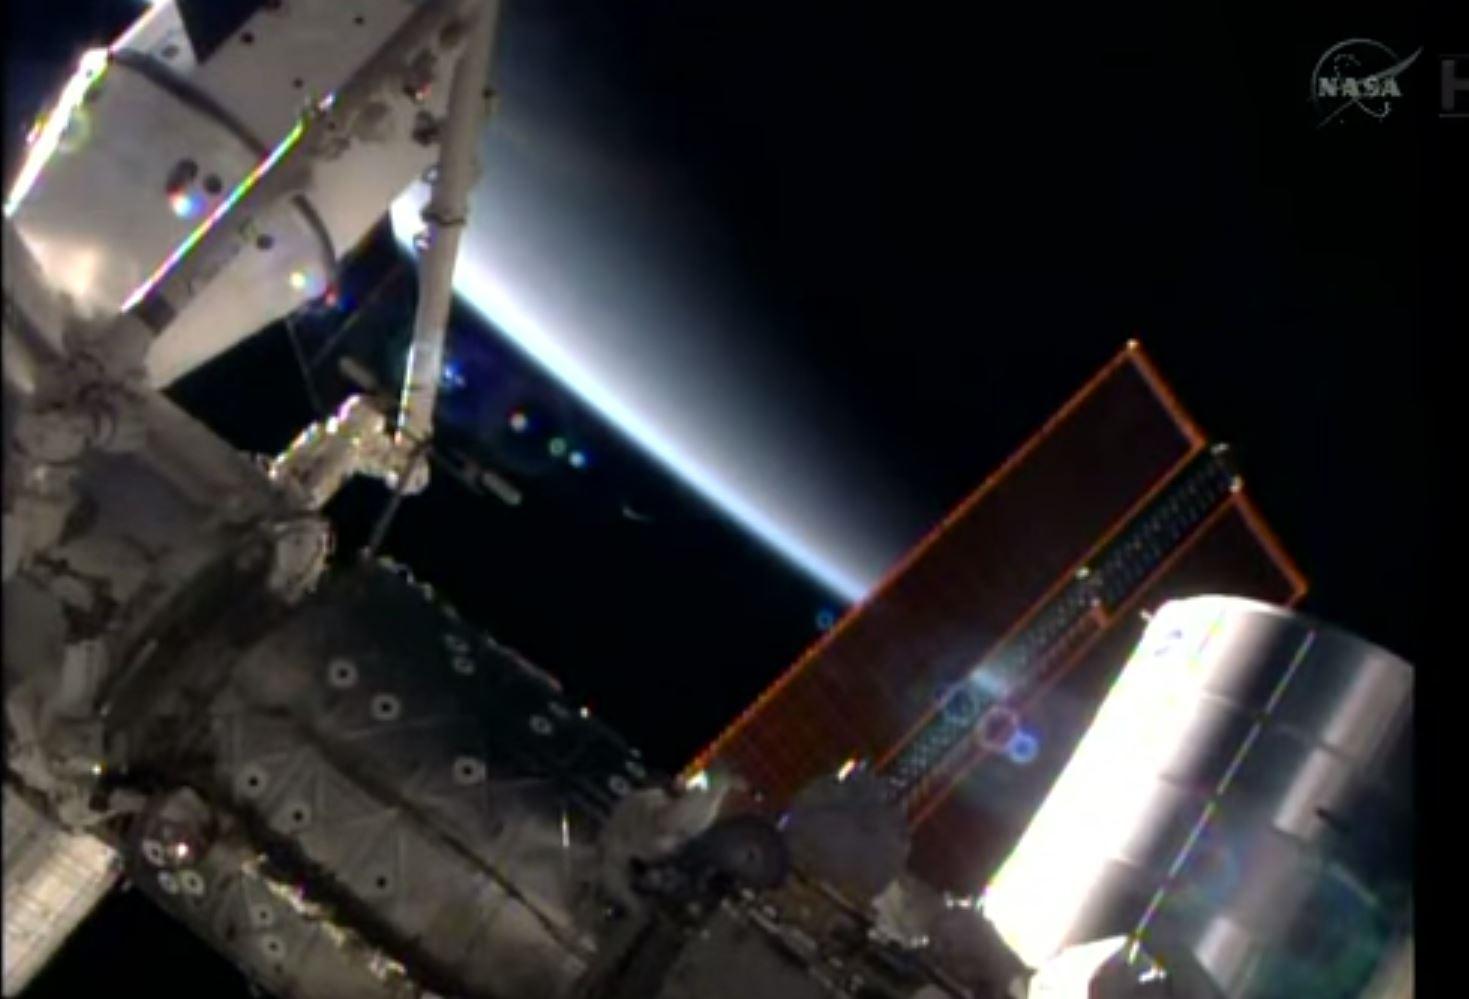 Lens flare durante EVA-27 (fonte: YouTube.com)